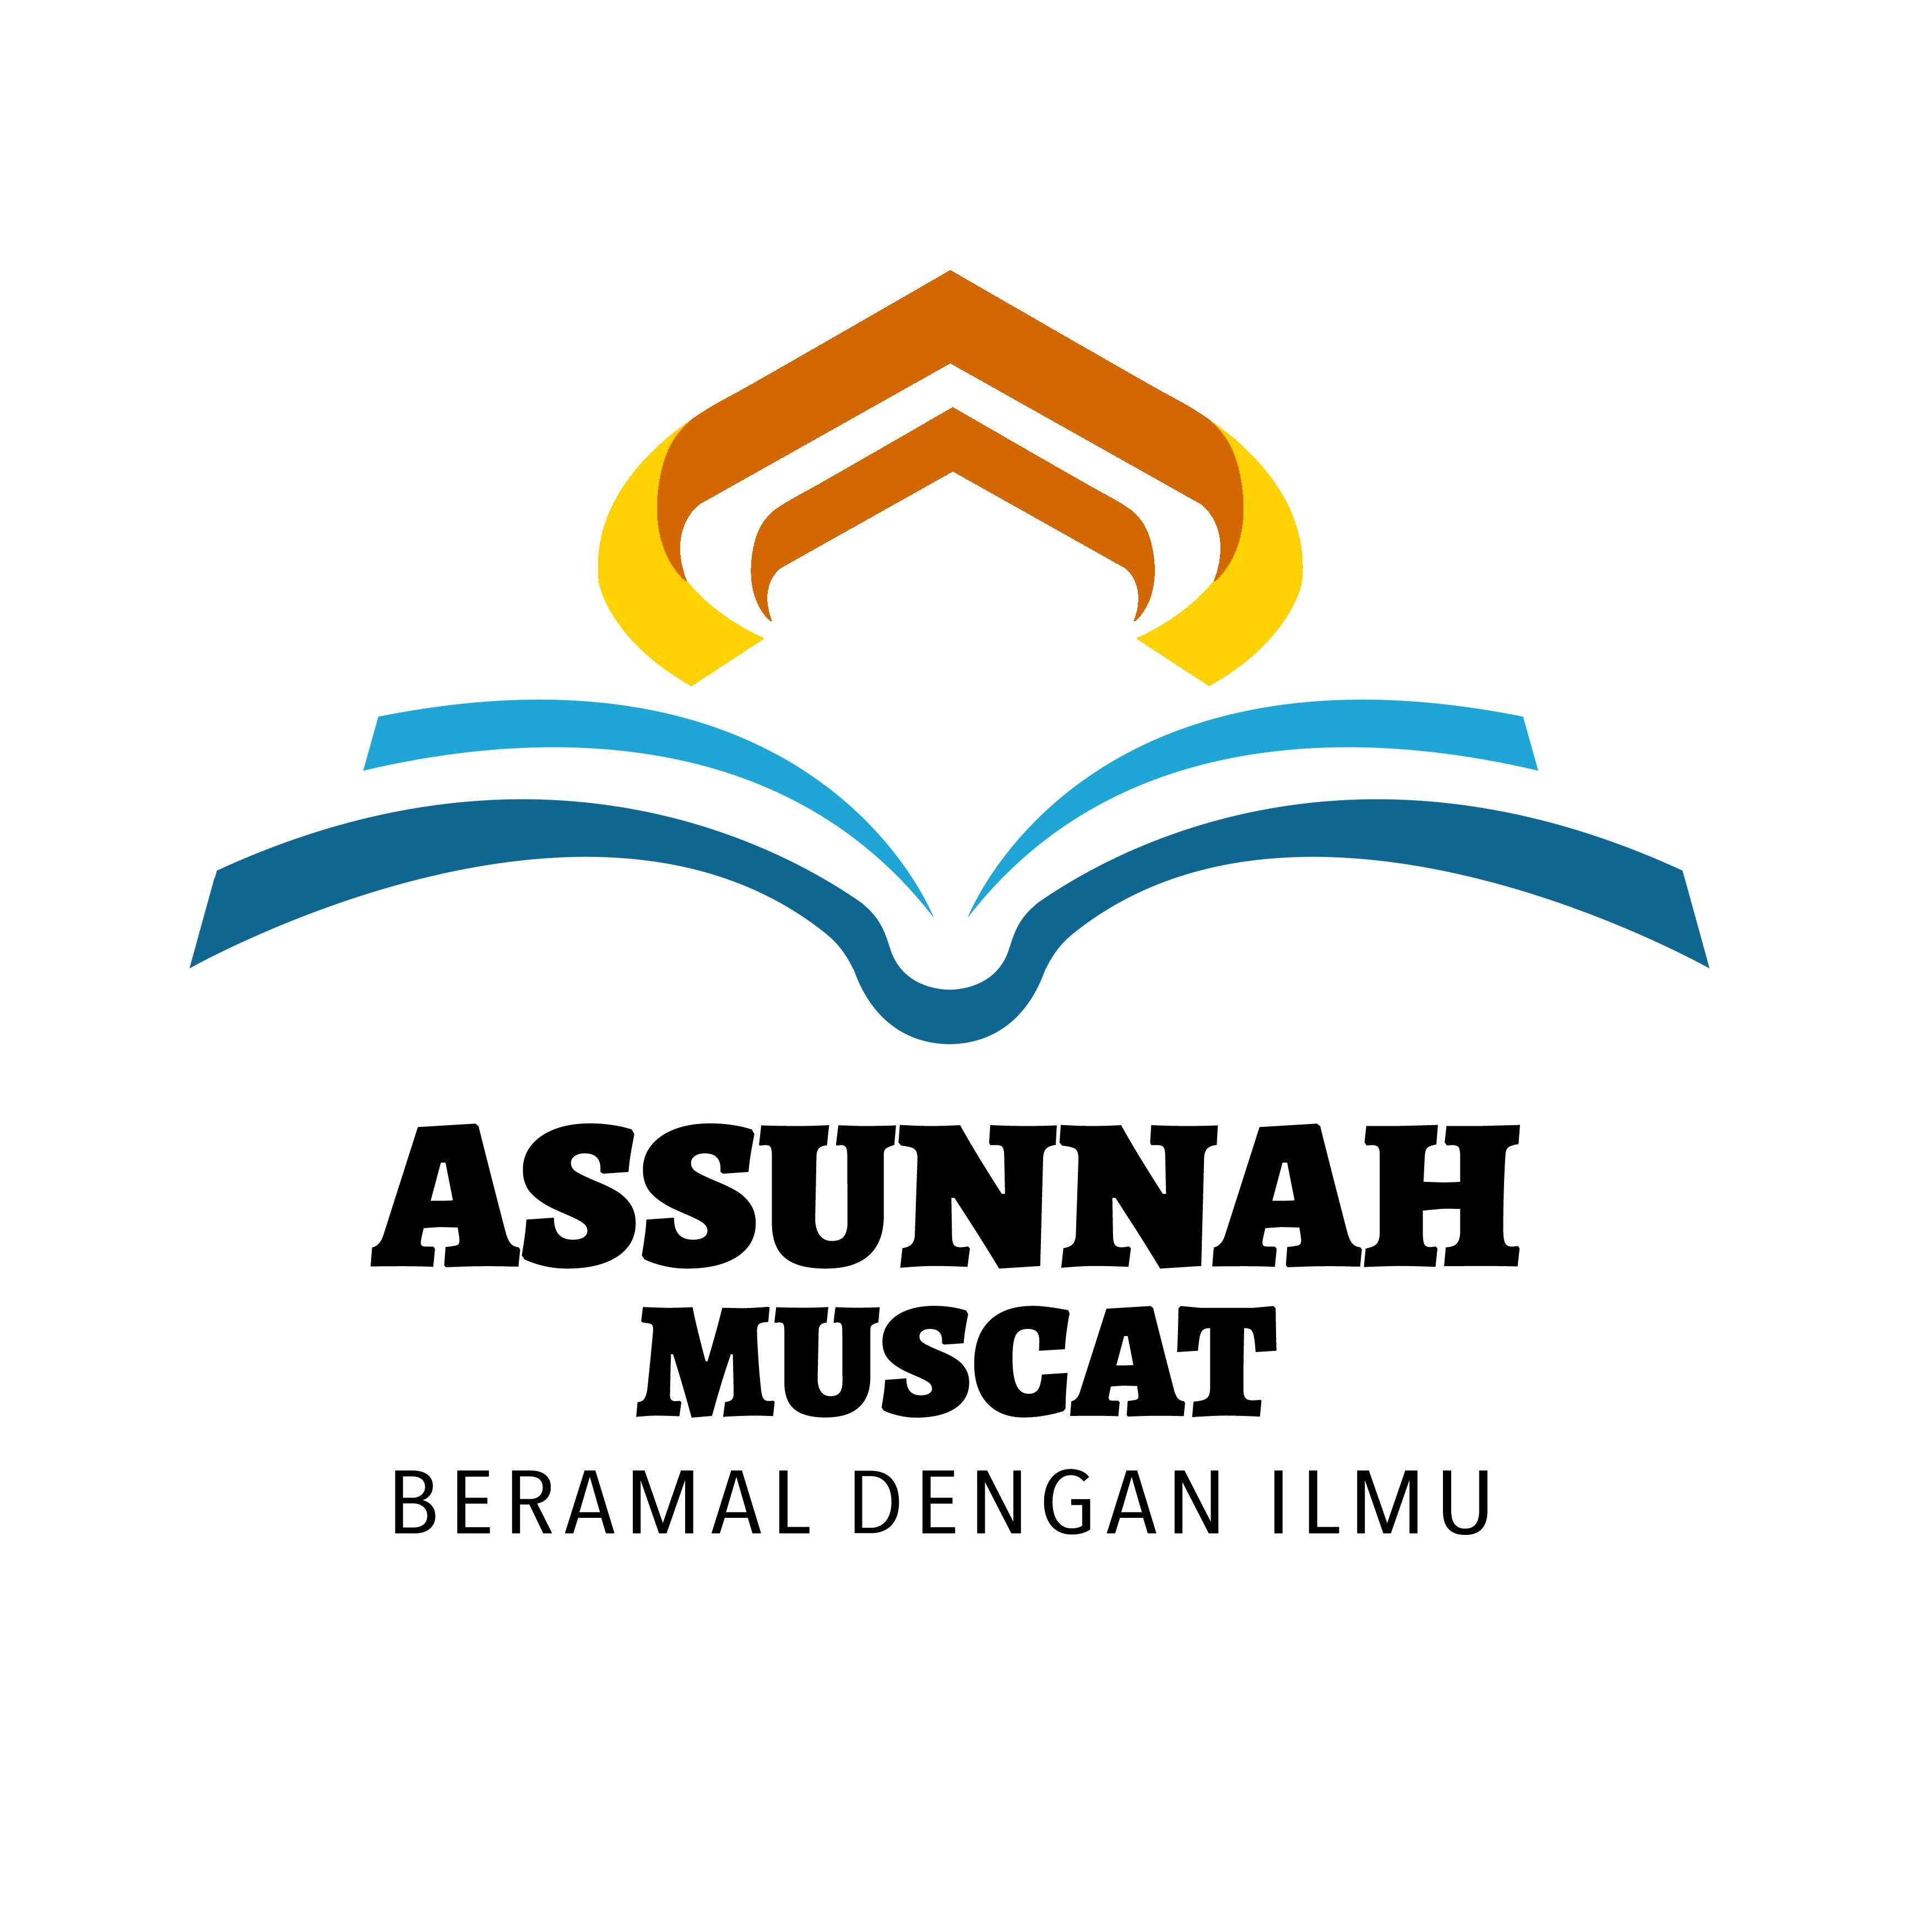 AssunnahMuscat